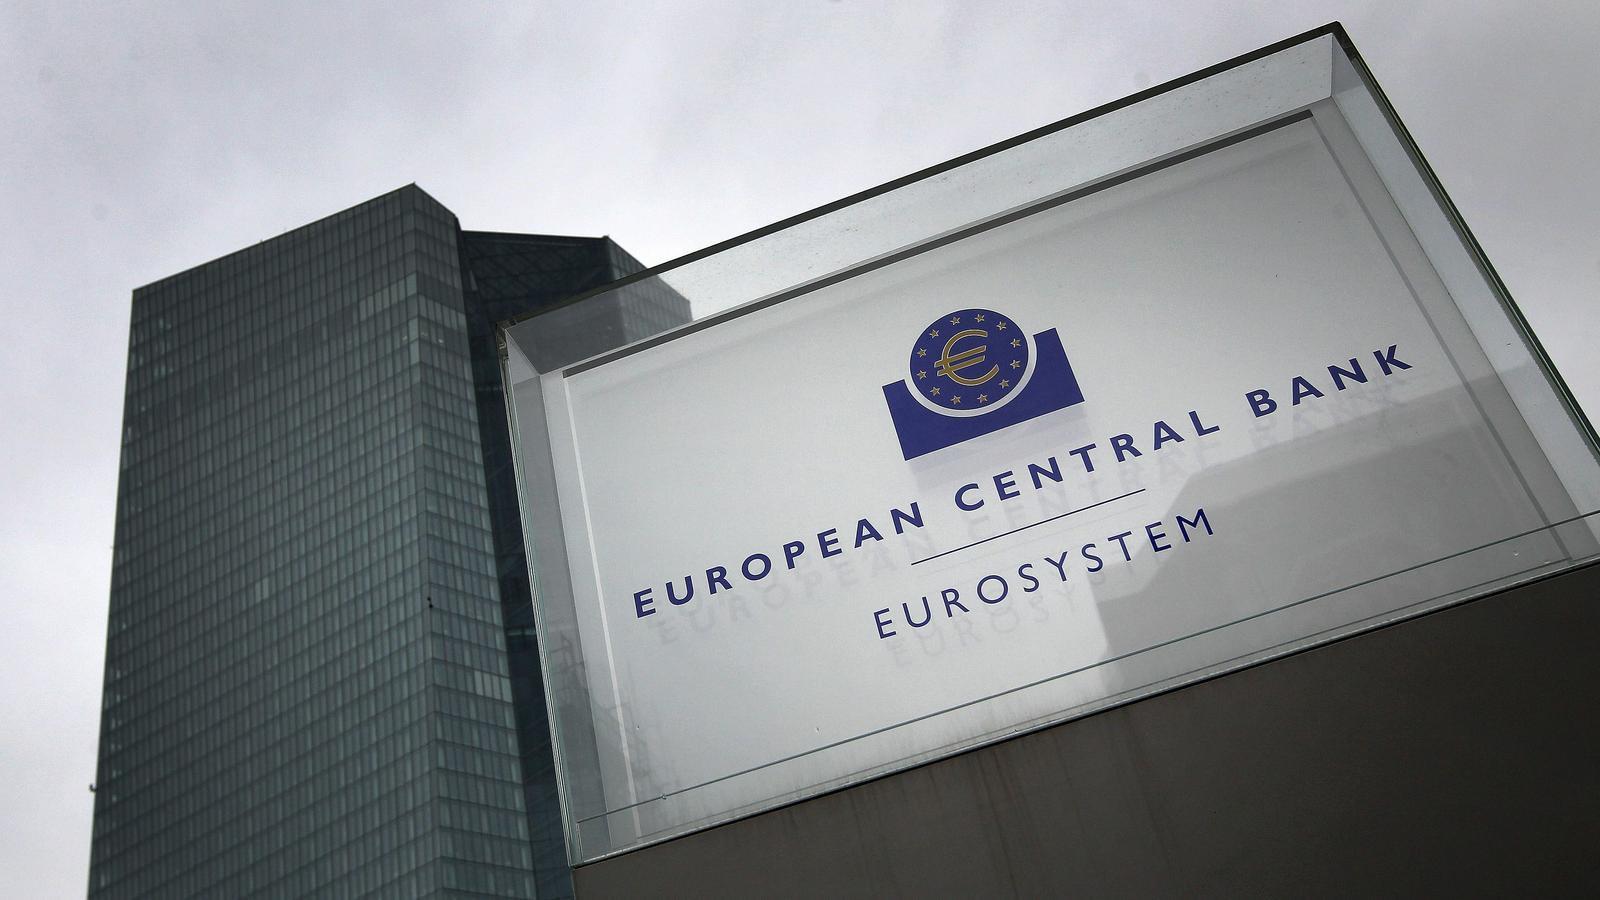 Com ens afecten les mesures del BCE?